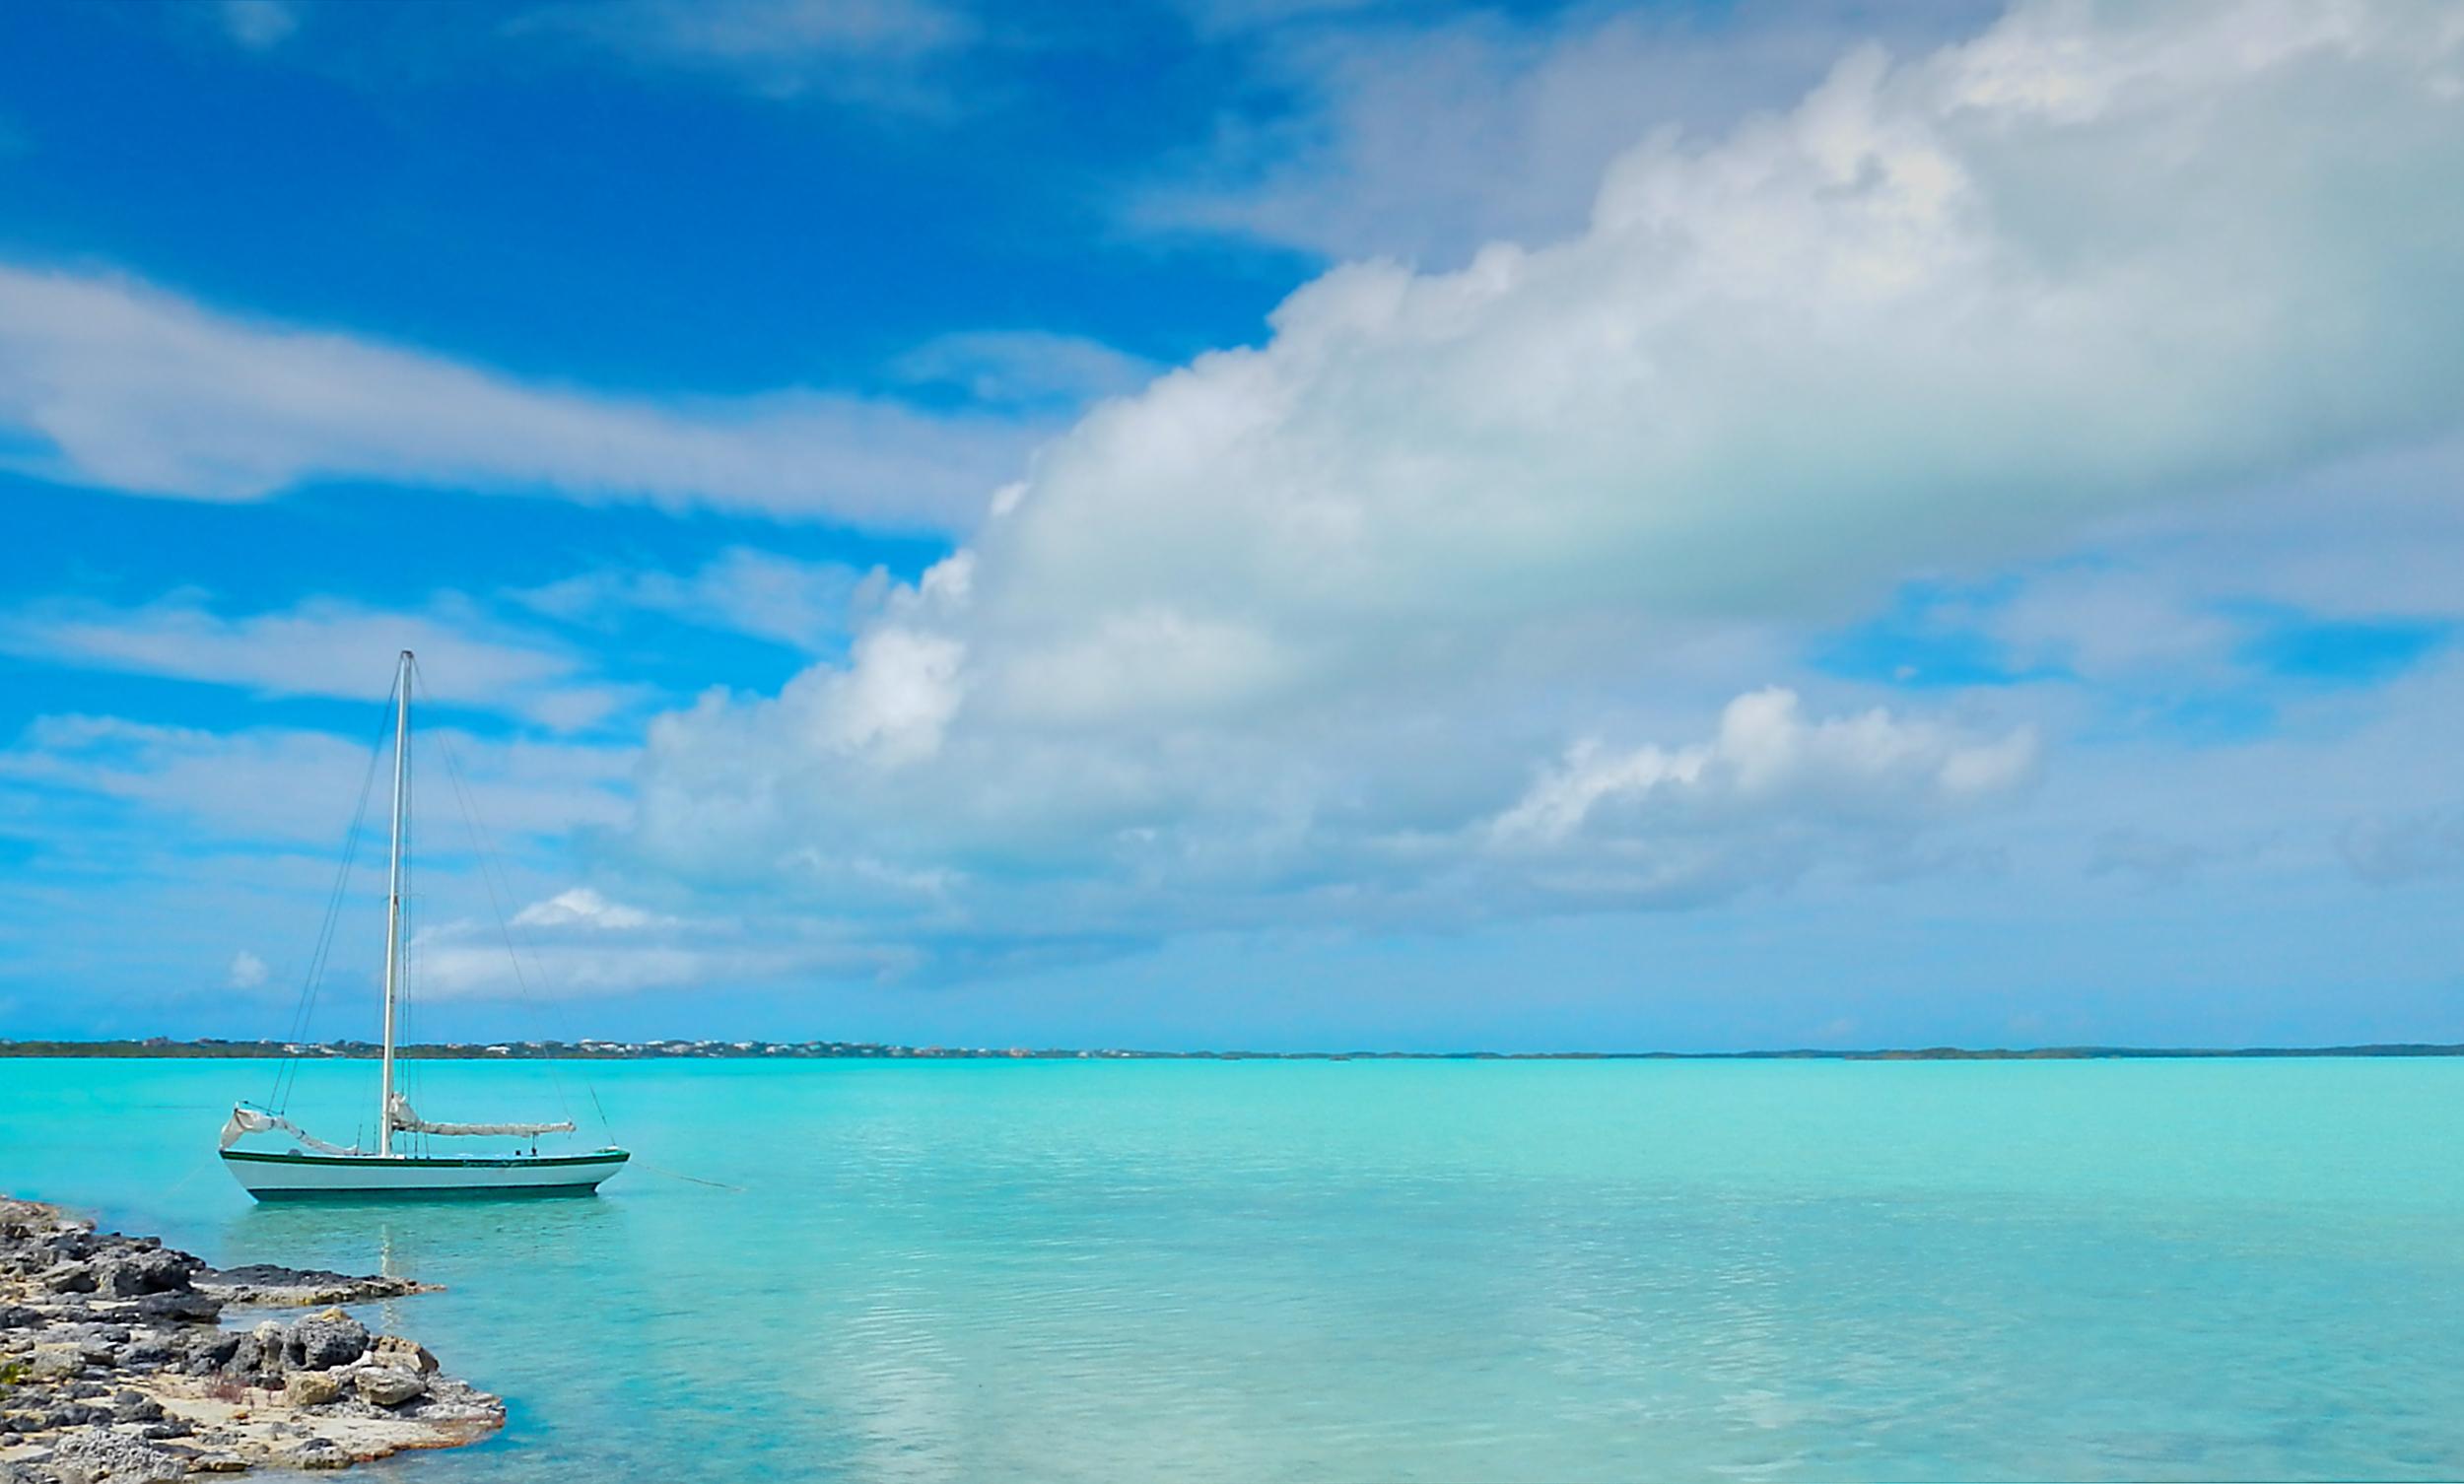 Lagoon at Turks and Caicos